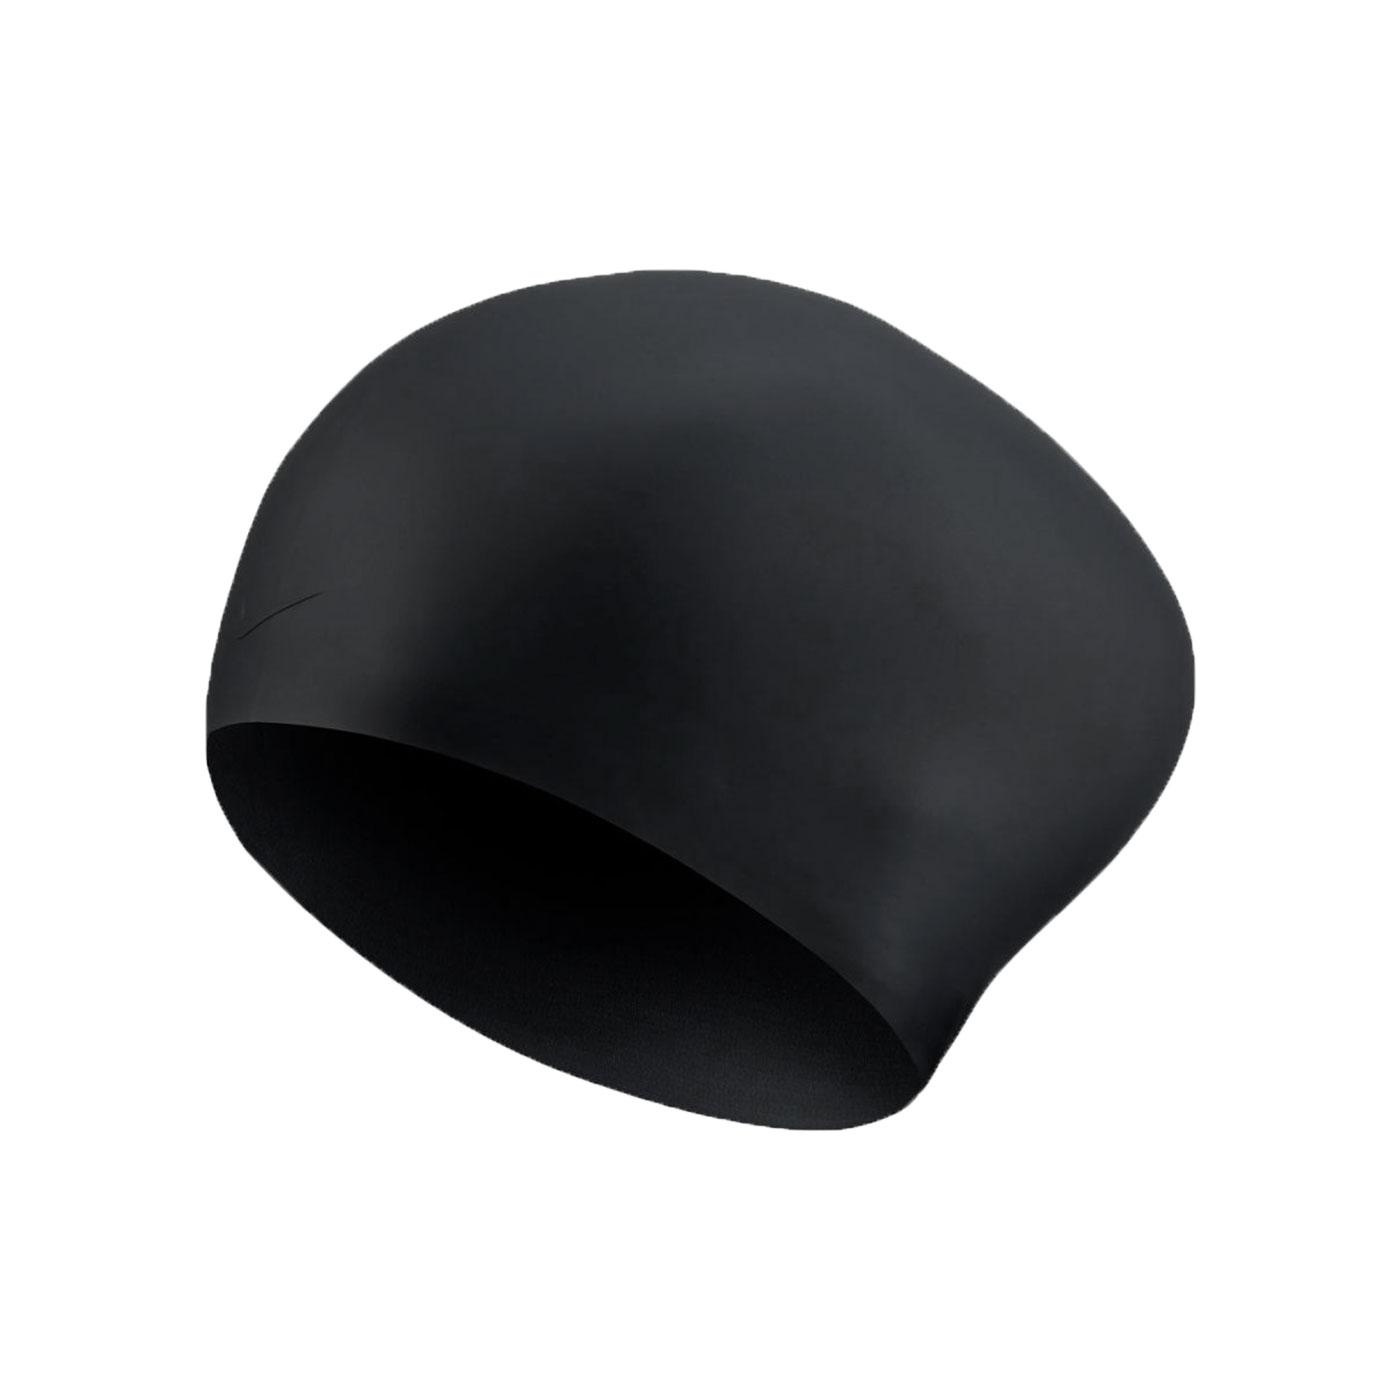 NIKE SWIM 成人長髮用矽膠泳帽 NESSA198-001